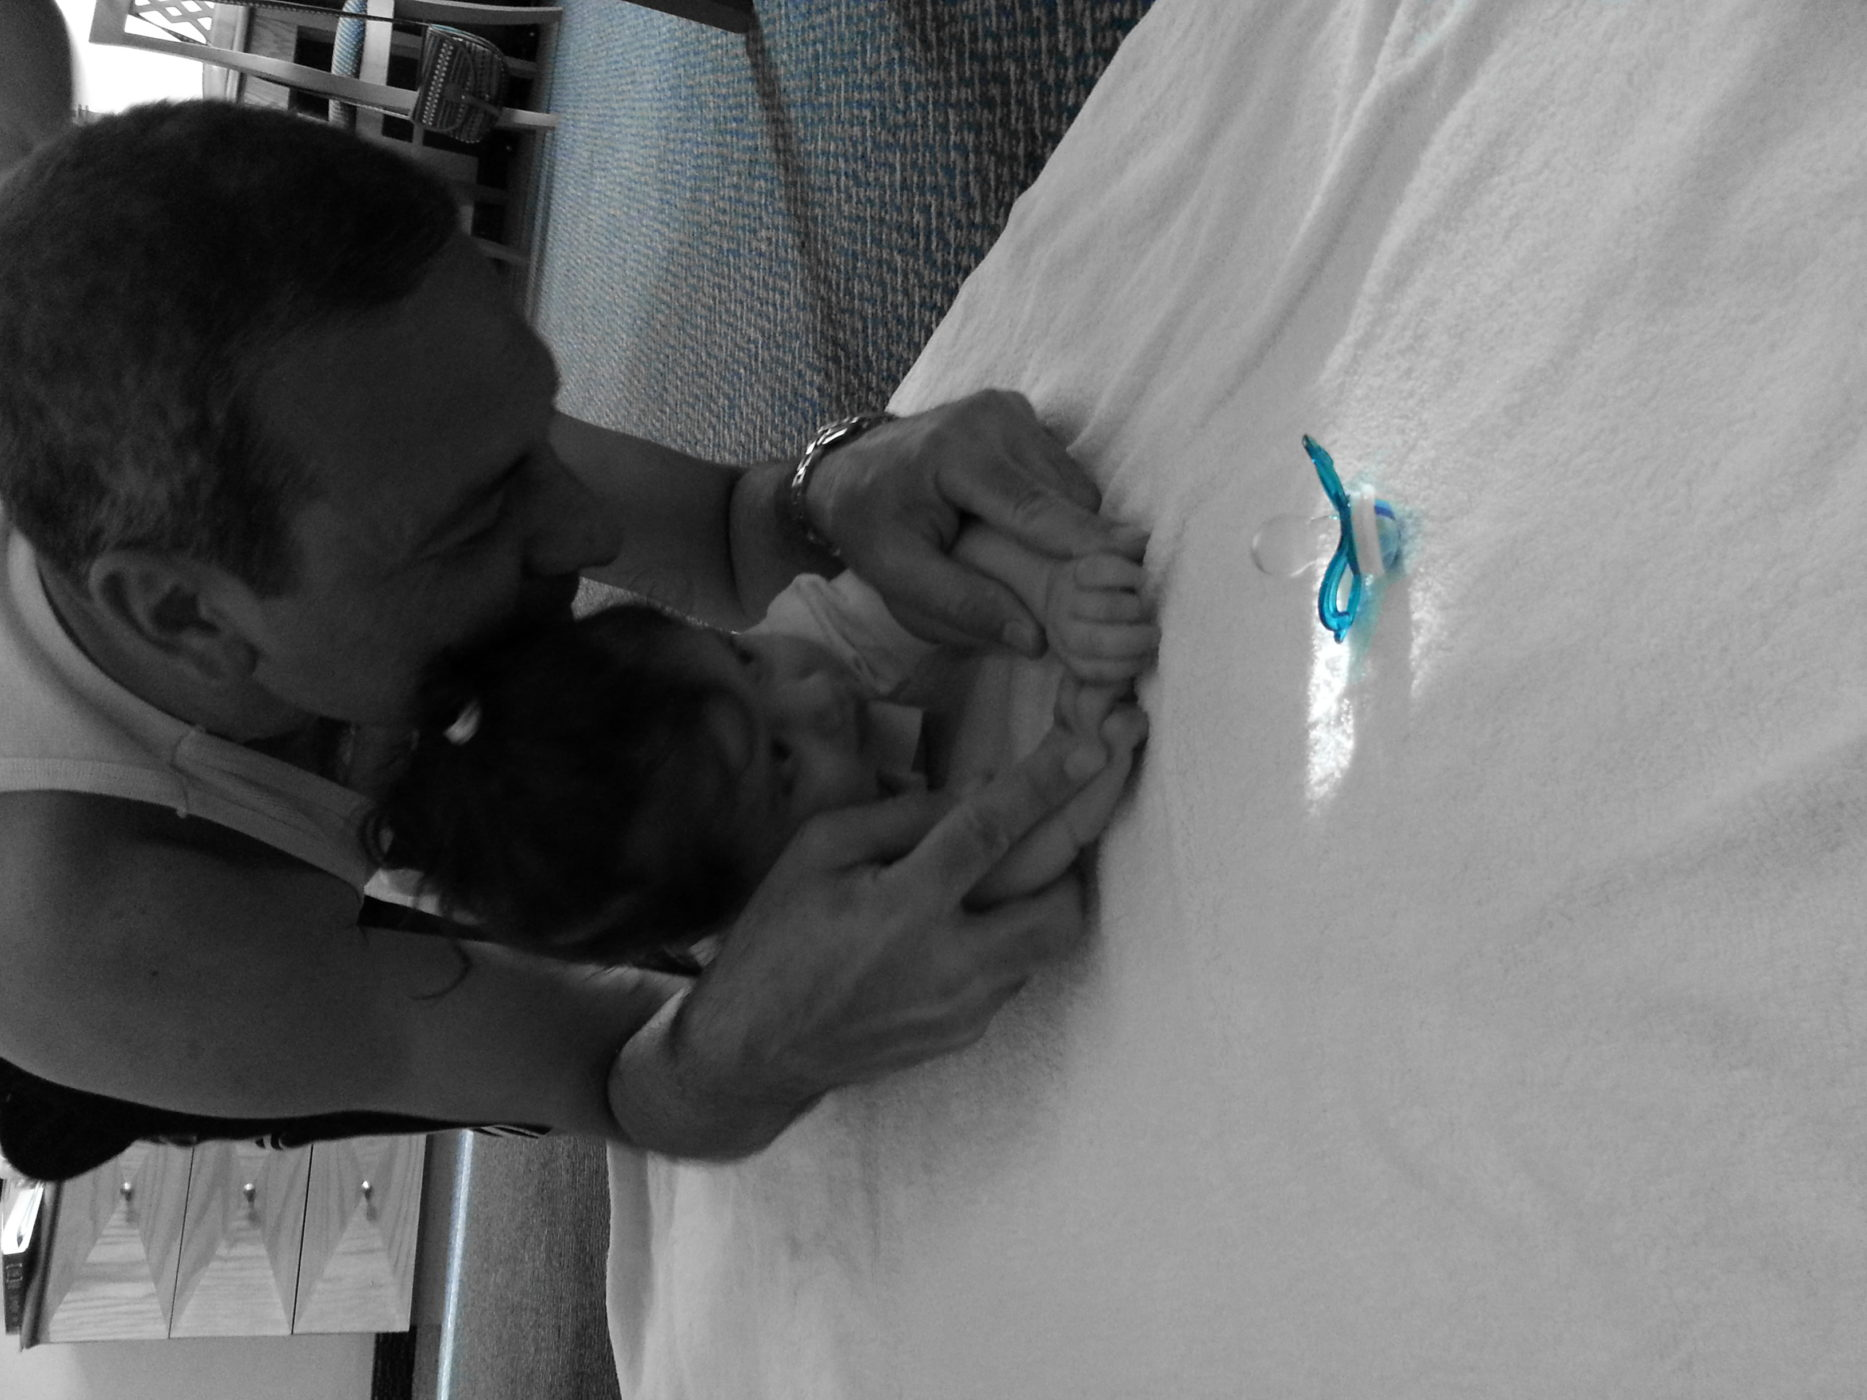 שם השולח: רפי ג'רבי. לתפוס את הרגע ברגע. לא כל יום רואים את הסבא מלמד את הבן שלי לזחול. לתפוס את התמונה ברגע כשהמצלמה בשליפה בטלפון הנייד, וצרוף של אפקטים מדהימים שמושכים את העין, שיתוף בפייס וקבלה של עשרות תגובות בשניה, זה העולם הדיגיטלי.